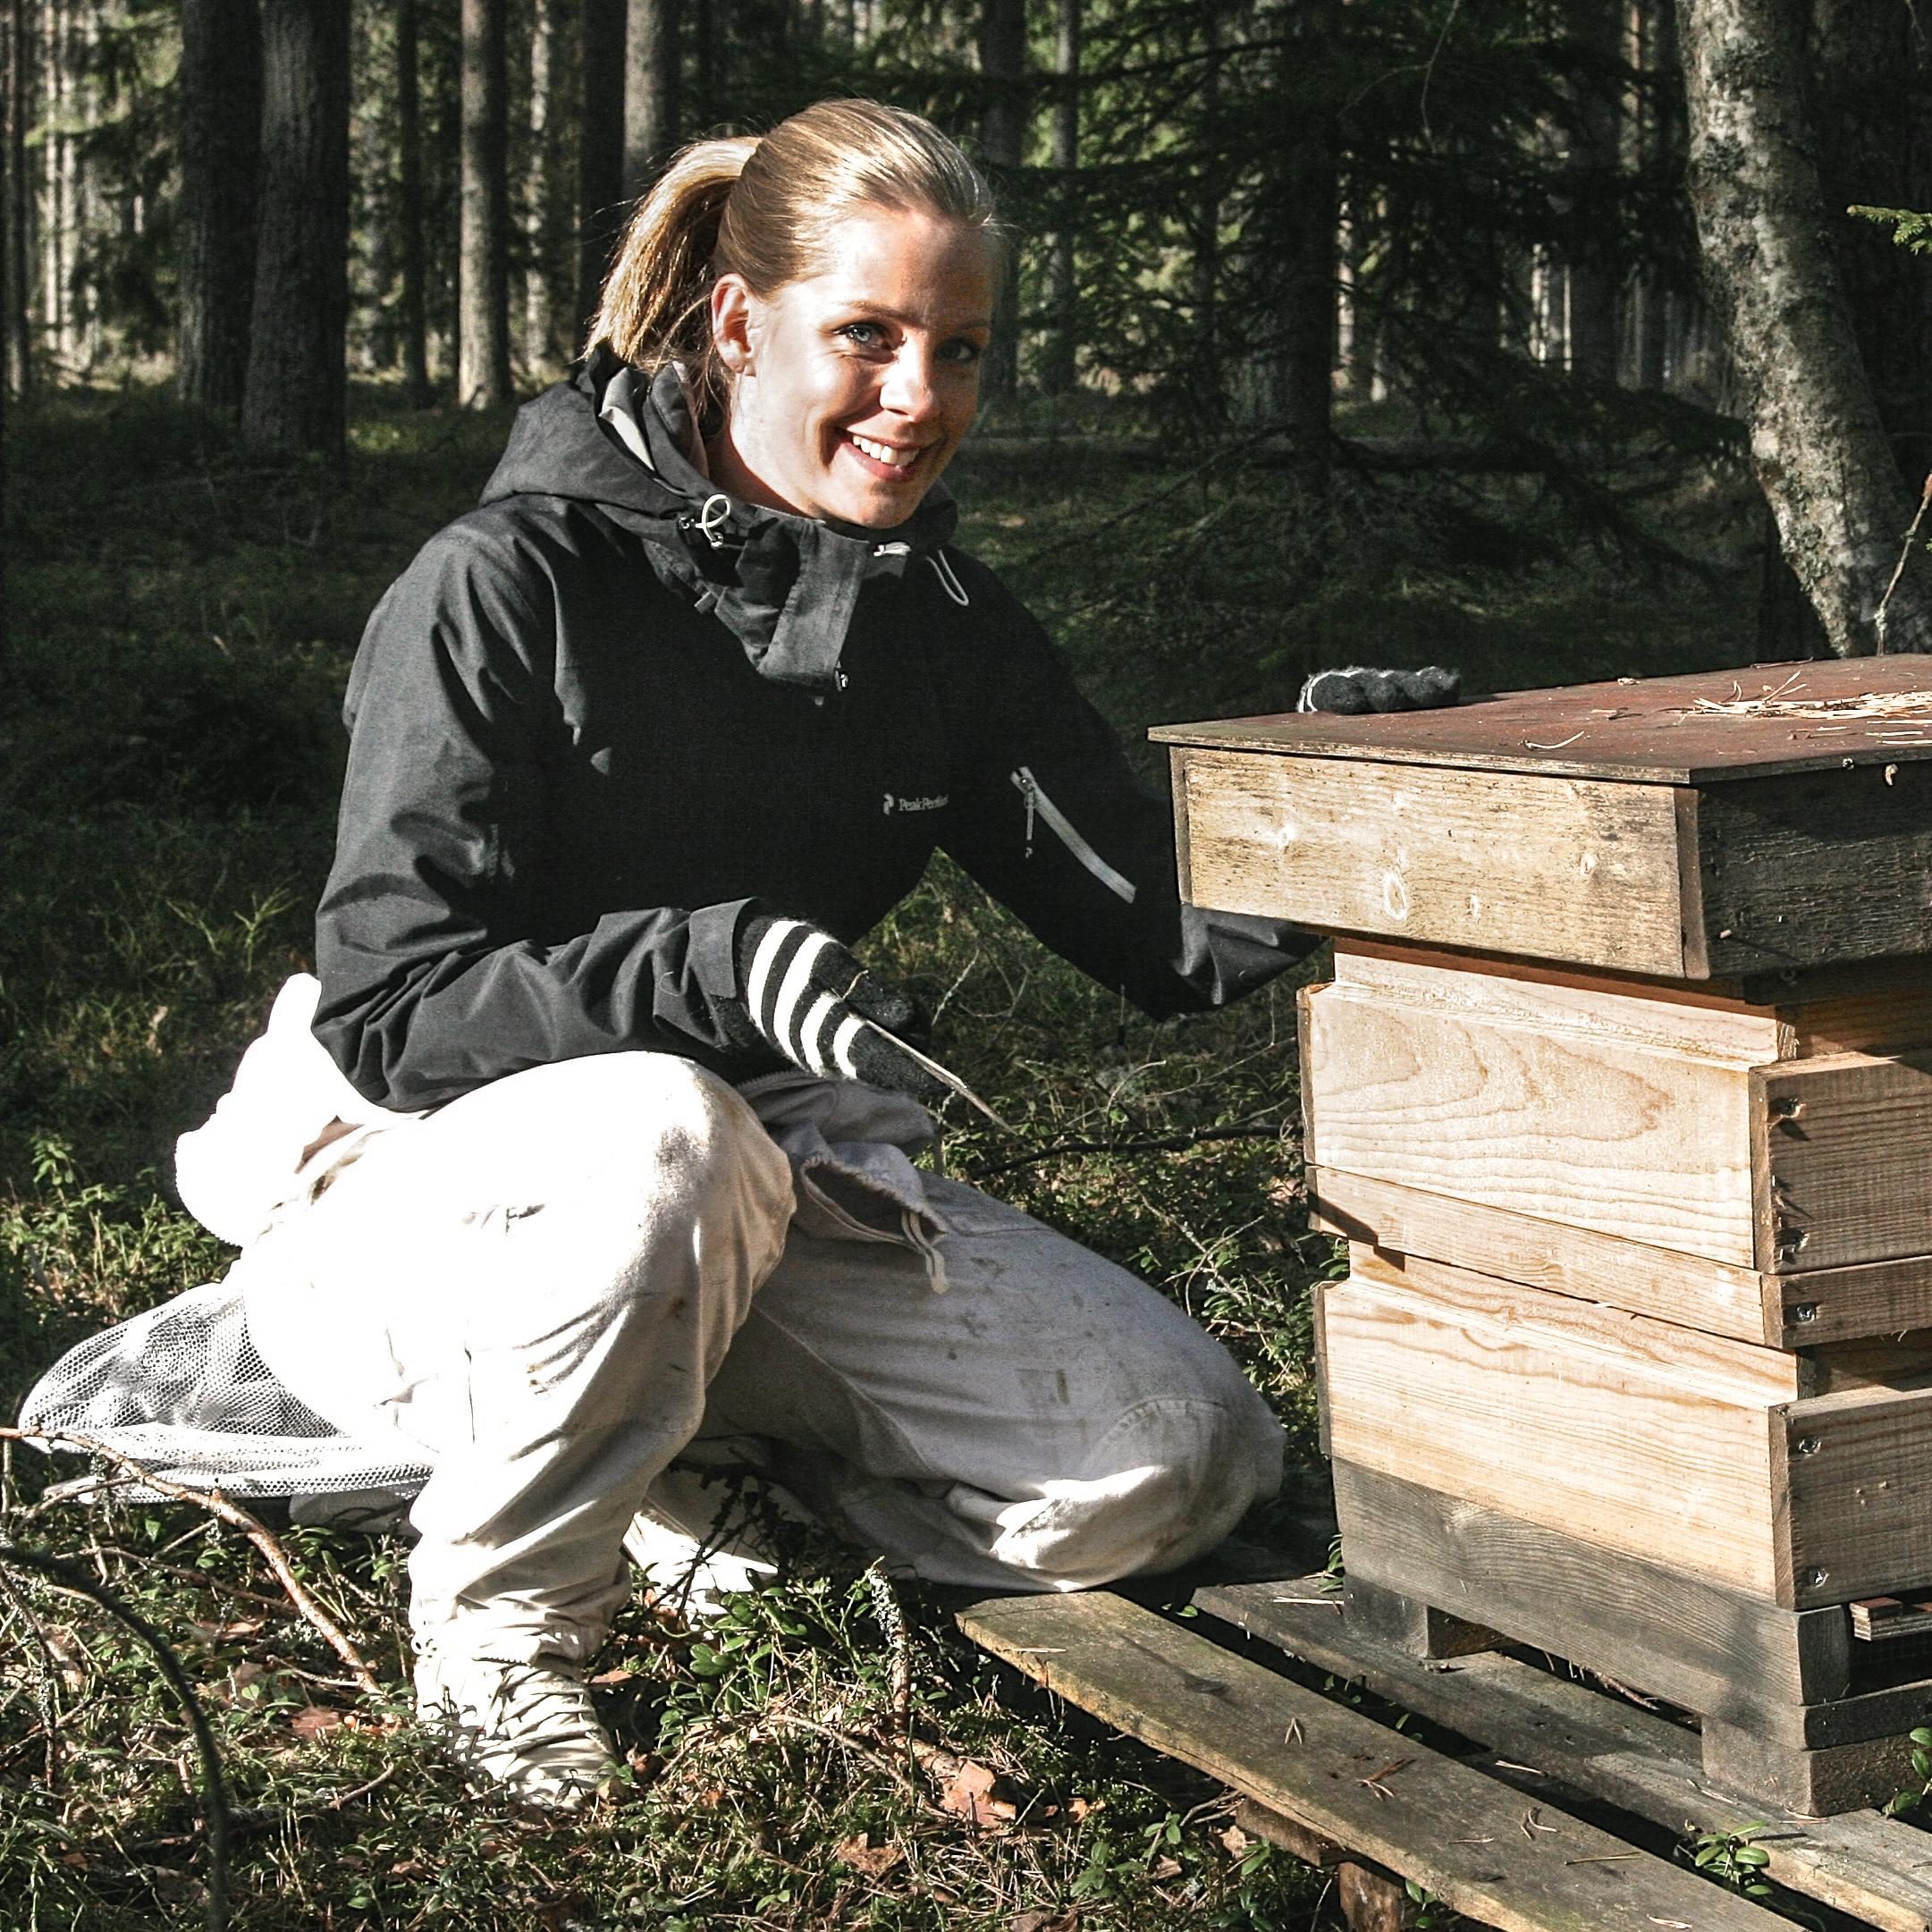 Queen beekeeper Kiia